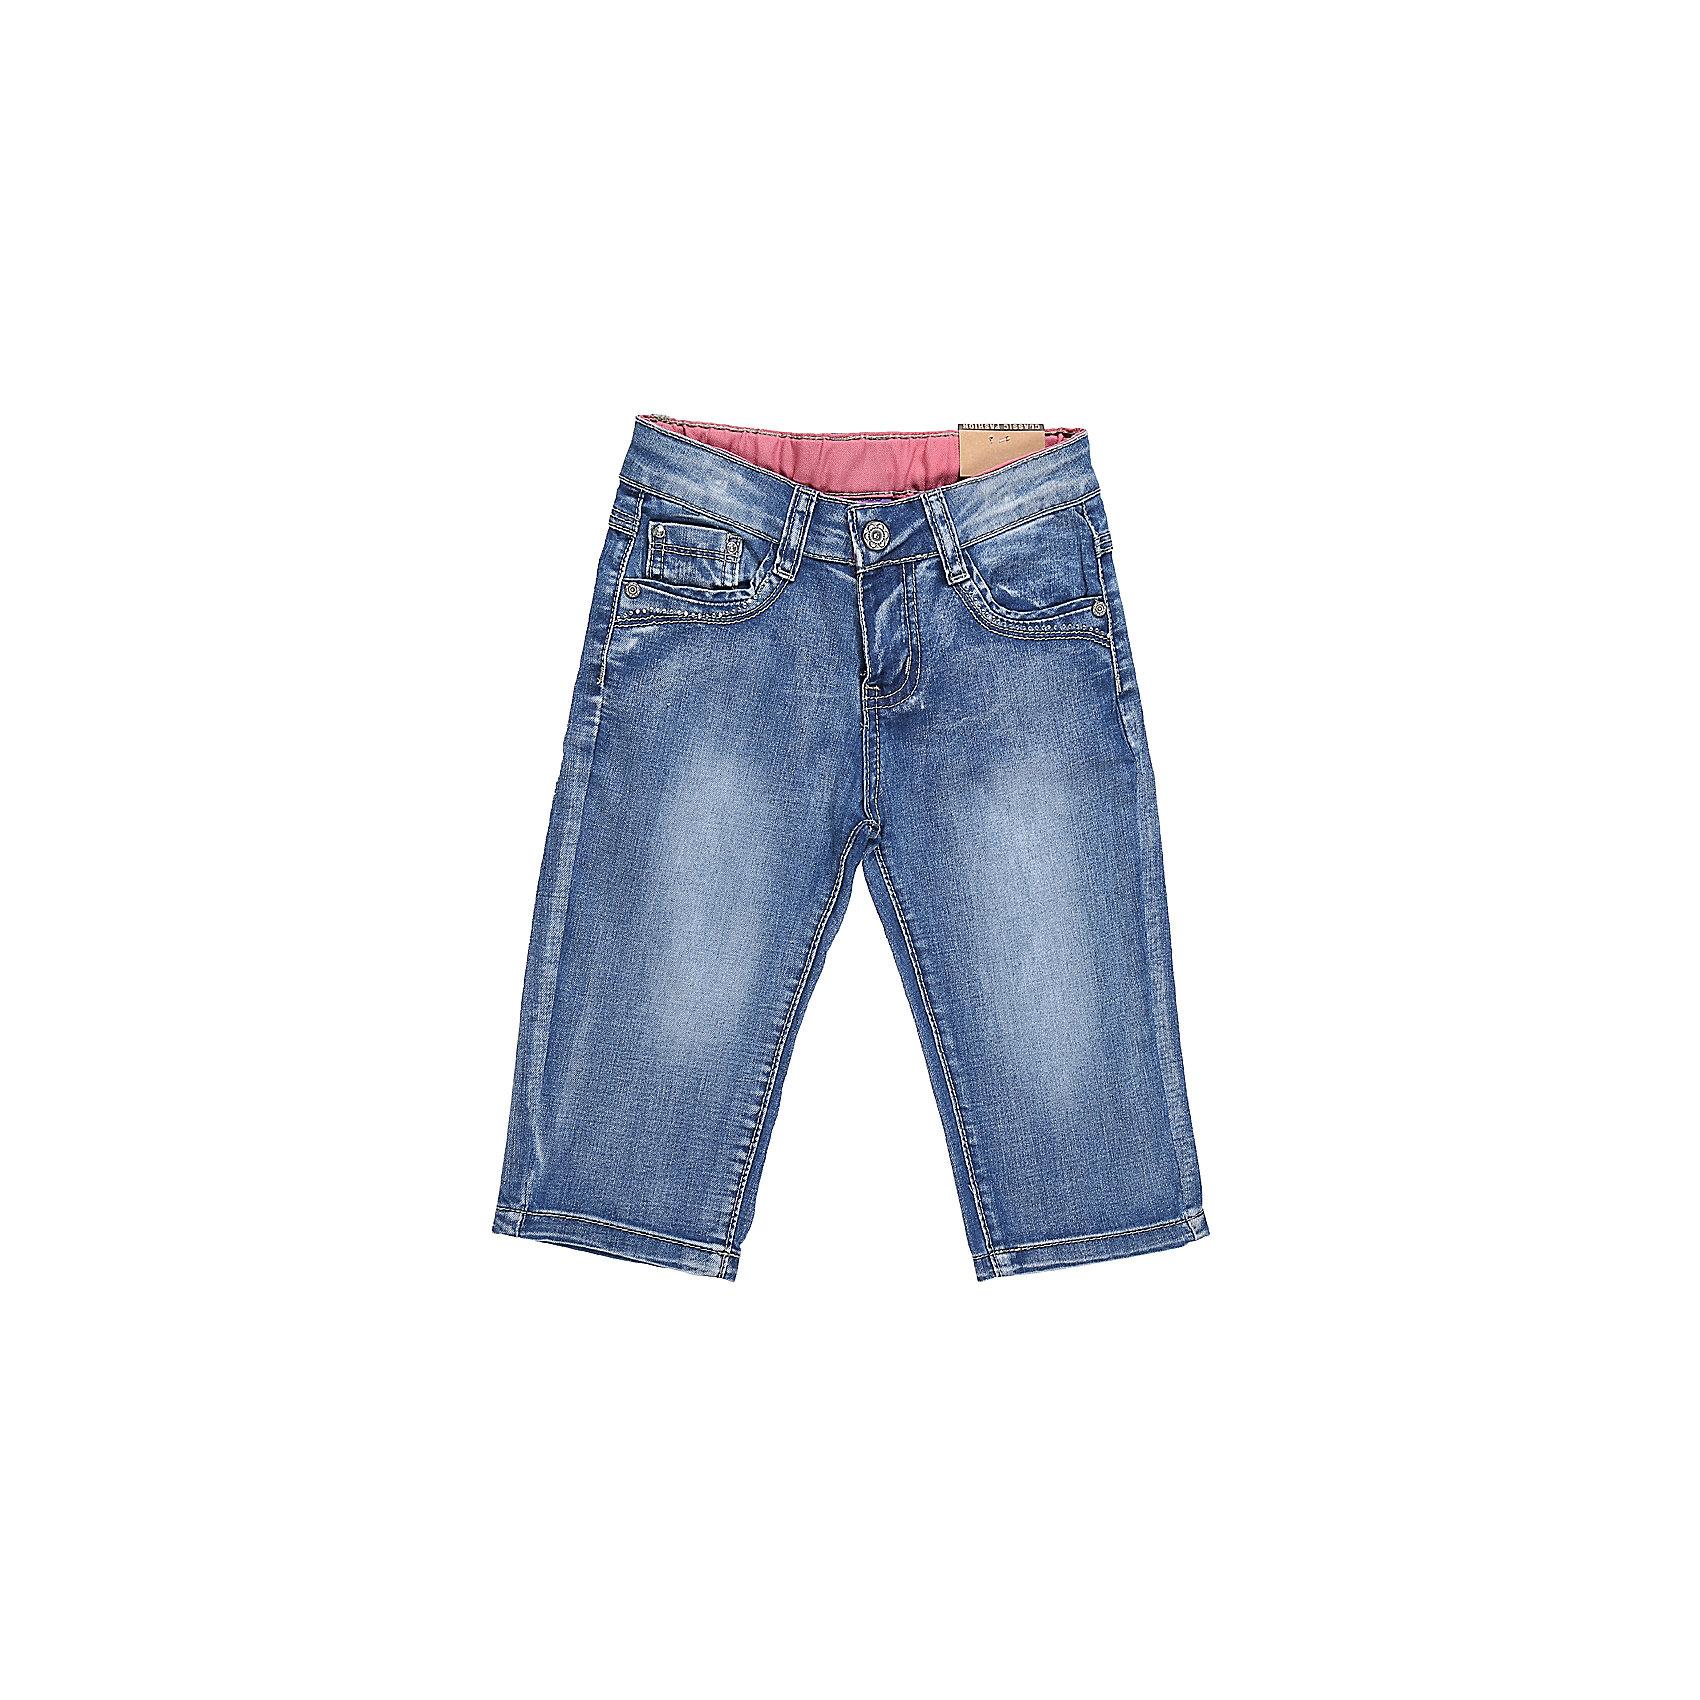 Бриджи джинсовые для девочки Sweet BerryШорты, бриджи, капри<br>Стильные джинсовые бриджи для девочки. Застегиваются на молнию и пуговицу. Имеют зауженный крой, среднюю посадку. Шлевки на поясе рассчитаны под ремень. В боковой части пояса находятся вшитые эластичные ленты, регулирующие посадку по талии.<br>Состав:<br>98%хлопок 2%эластан<br><br>Ширина мм: 191<br>Глубина мм: 10<br>Высота мм: 175<br>Вес г: 273<br>Цвет: синий<br>Возраст от месяцев: 36<br>Возраст до месяцев: 48<br>Пол: Женский<br>Возраст: Детский<br>Размер: 104,98,110,116,122,128<br>SKU: 5412361